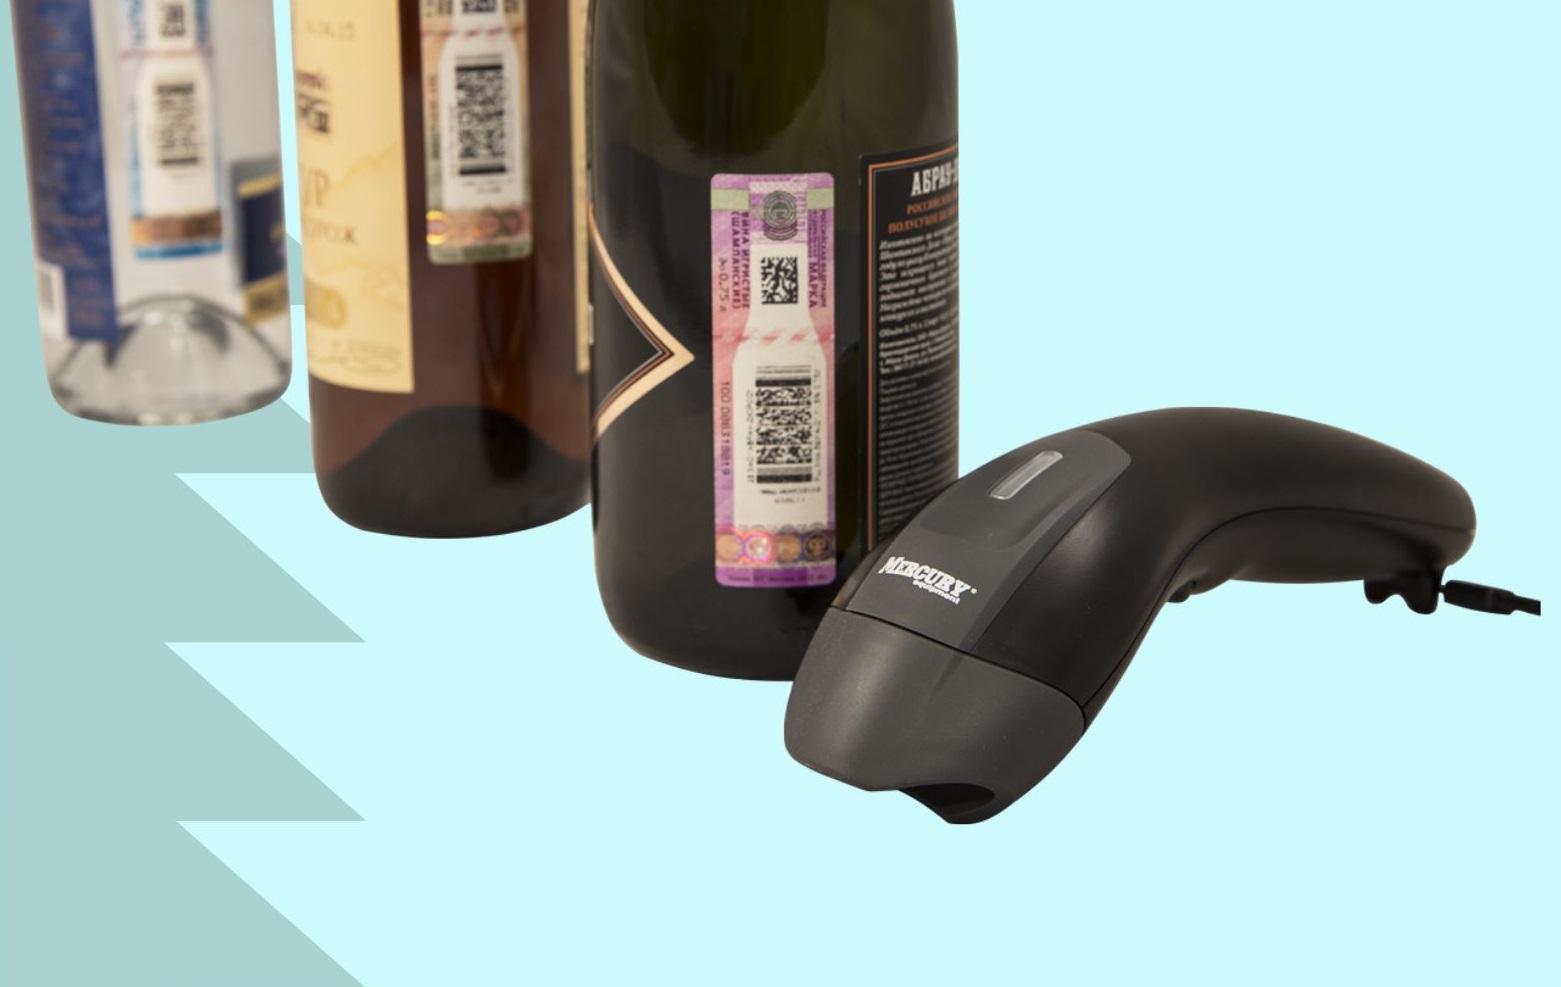 Продажа алкоголя на ЭВОТОР: приемка, списание, перемещение, возврат и продажа